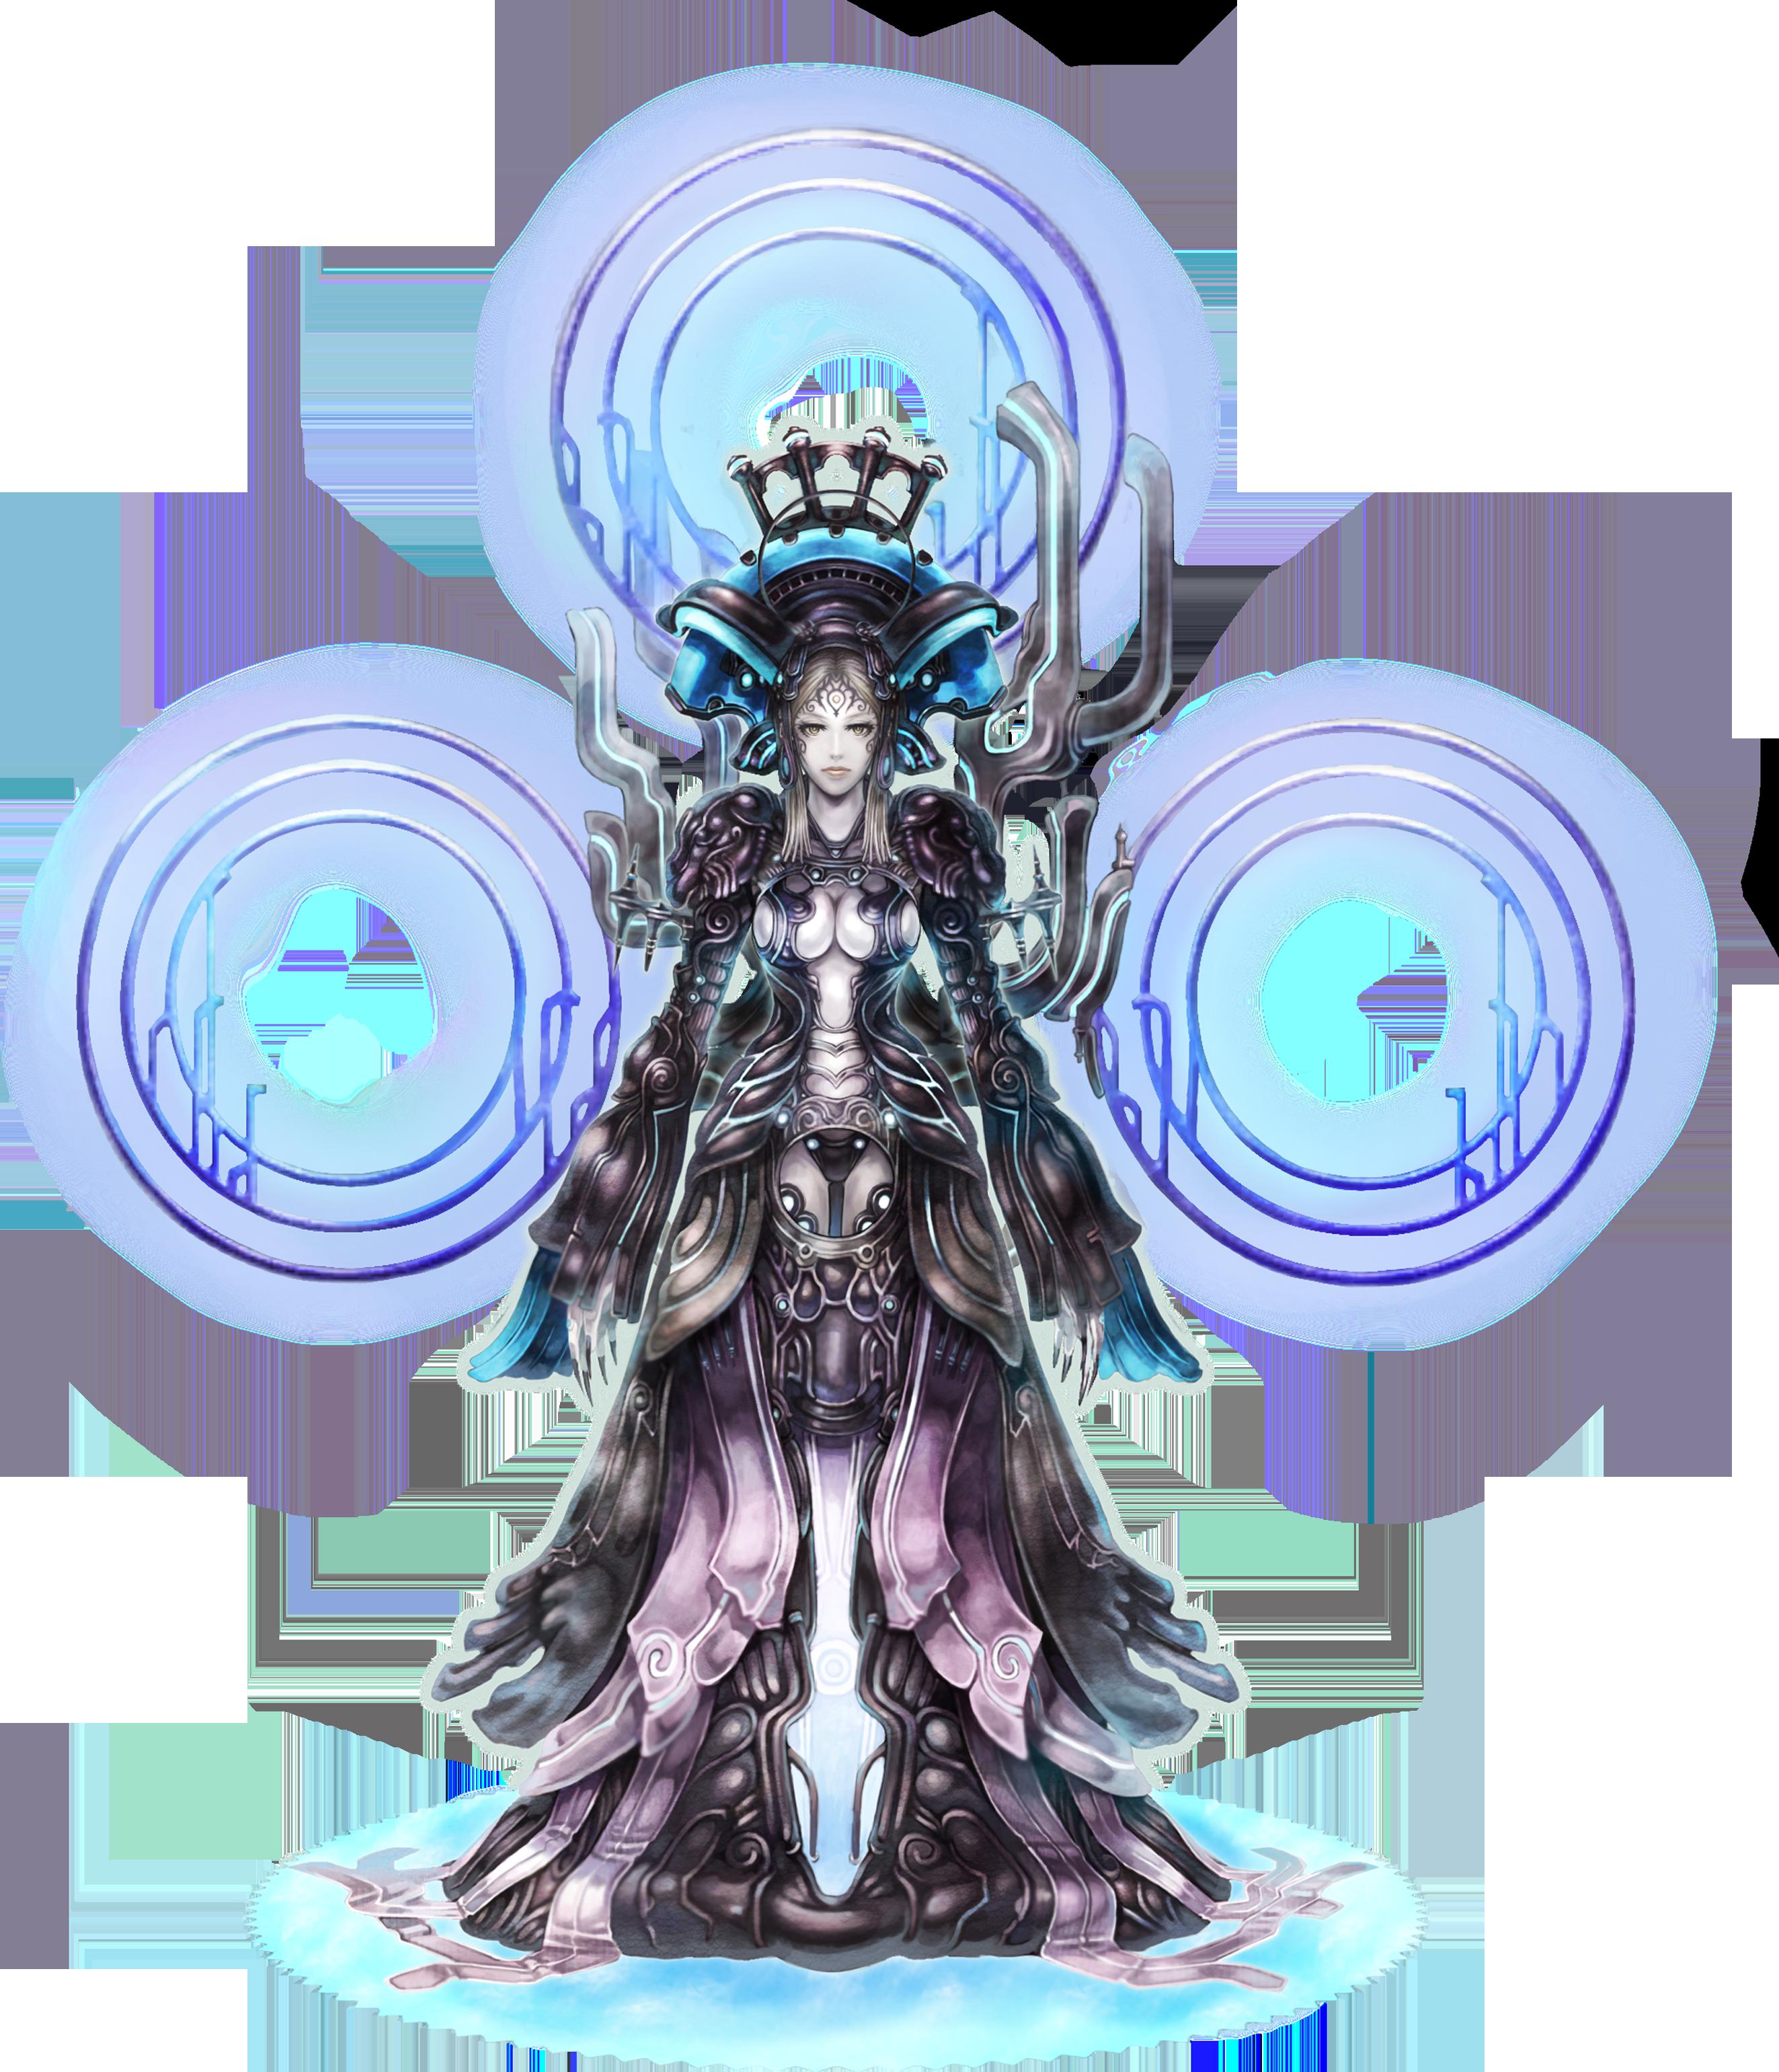 515px-Meinasu_-_Xenoblade_Chronicles.png